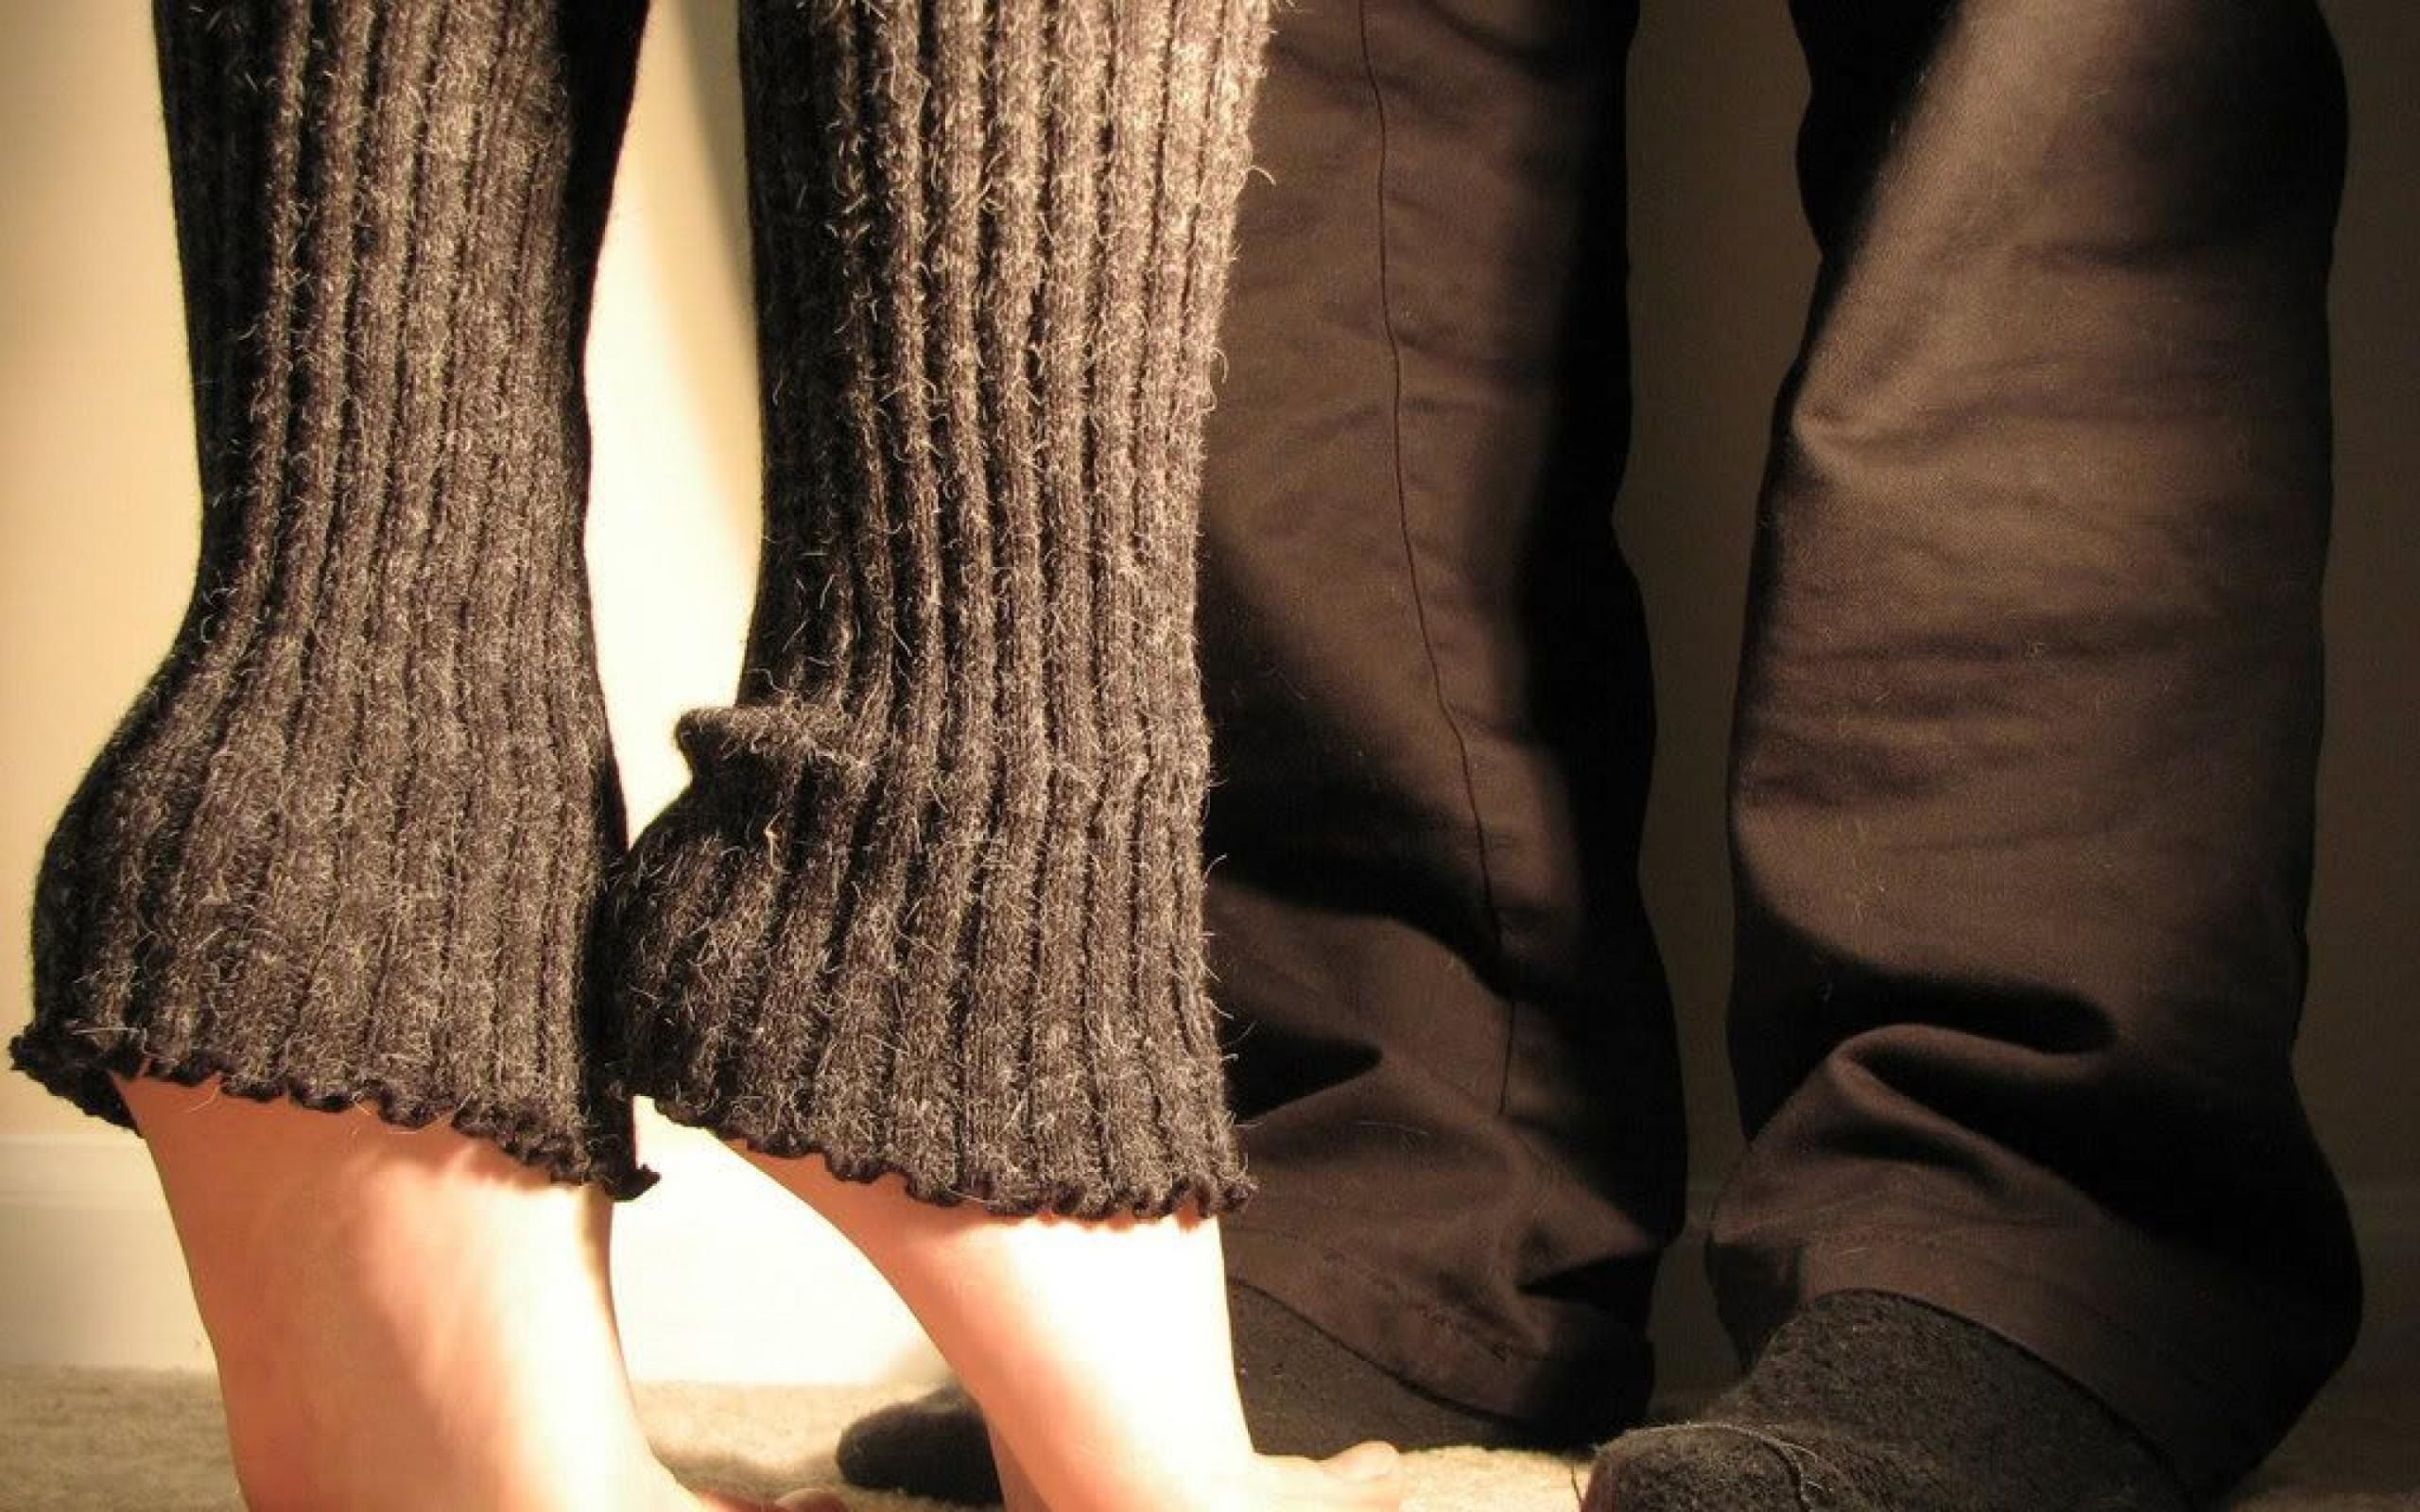 Целует ей ножки в носочках 4 фотография